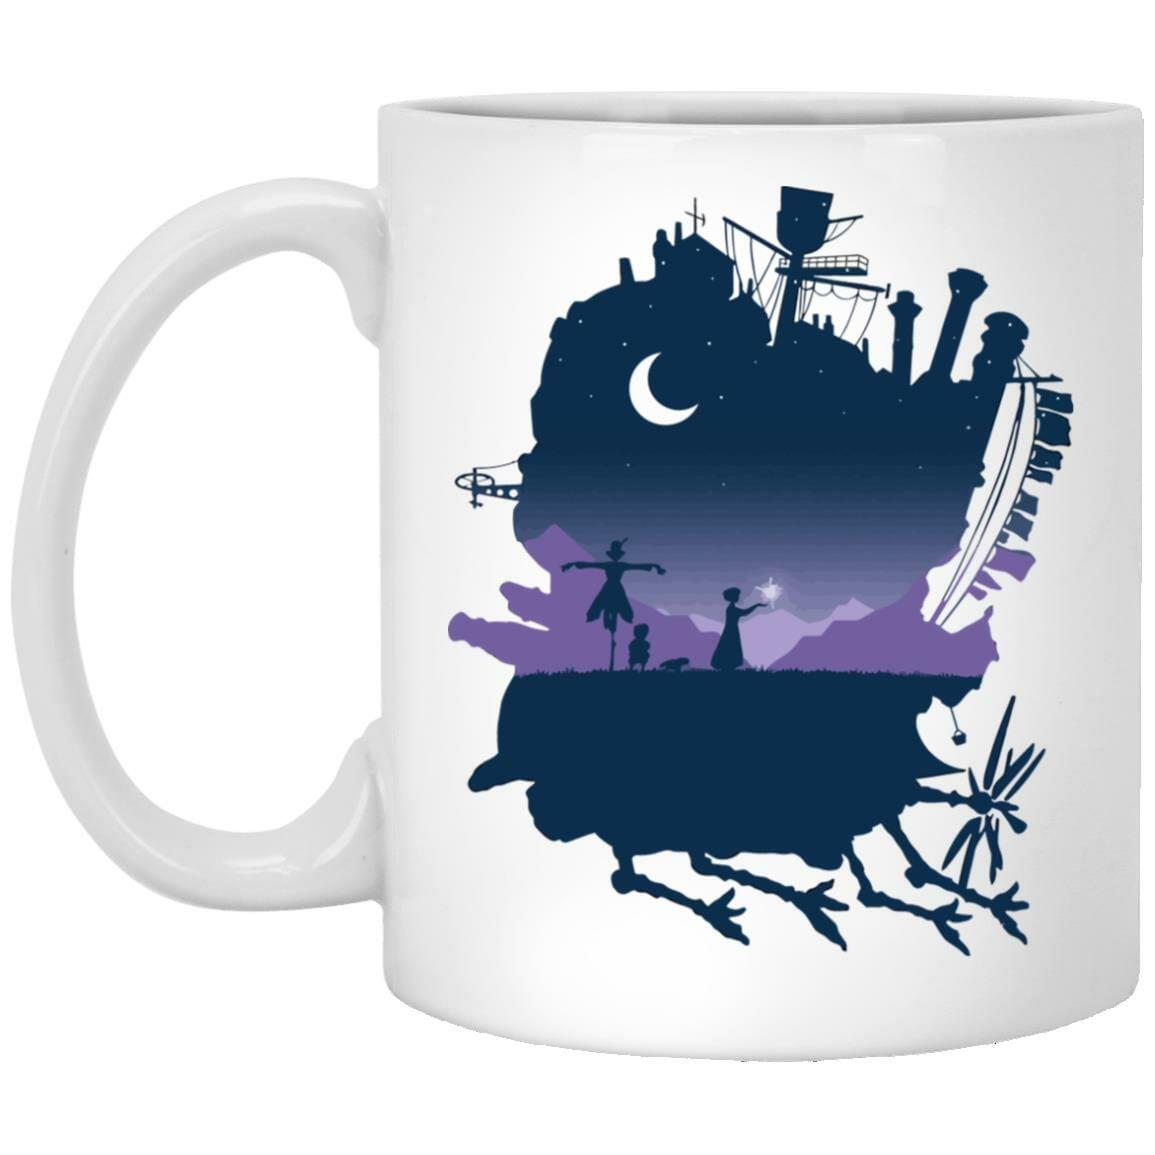 Howl's Moving Castle Midnight Mug